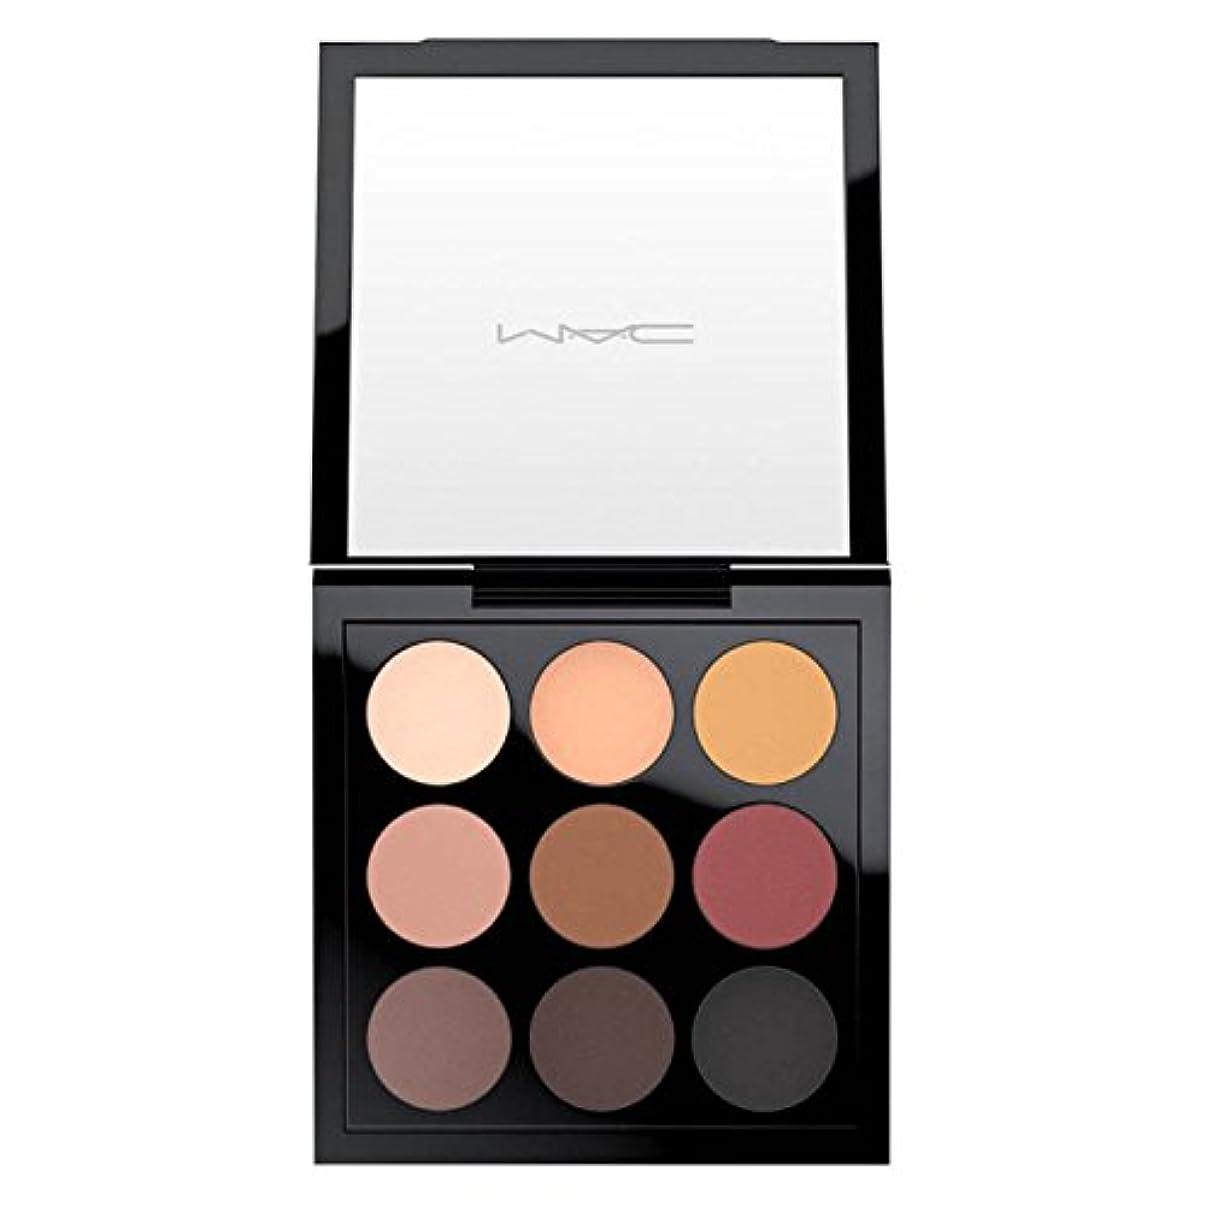 わがままリンス出来事M.A.C ?マック, Semi-Sweet Times Nine Eyeshadow Palette セミスウィートタイムズナインアイシャドウパレット [海外直送品] [並行輸入品]